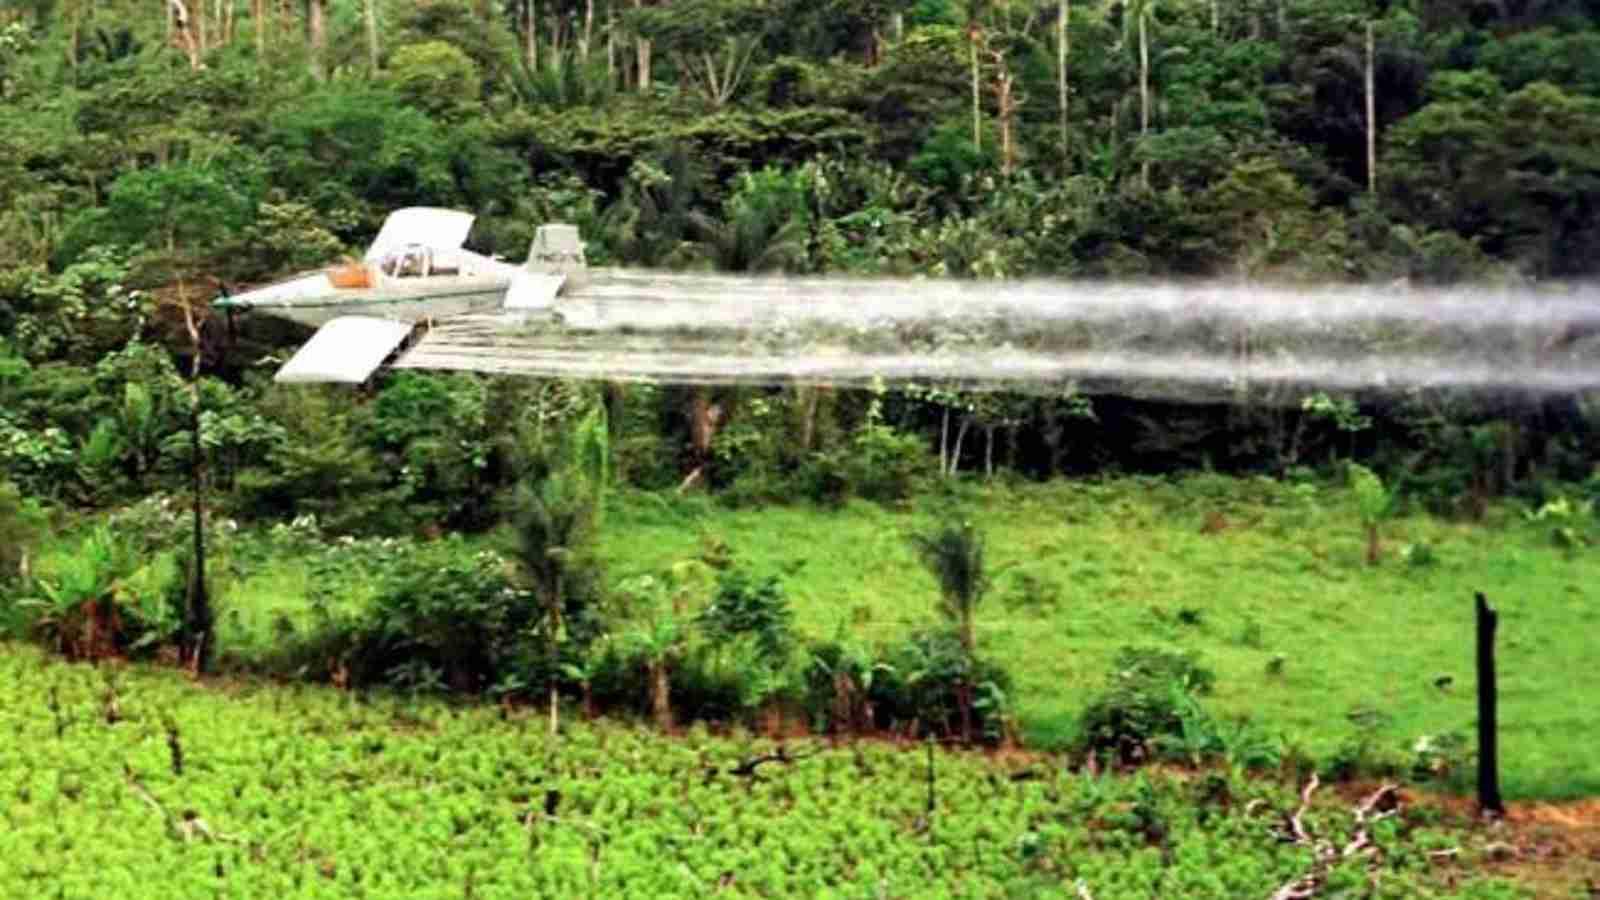 Regresan fumigaciones con glifosato: ambientalistas se pronunciaron